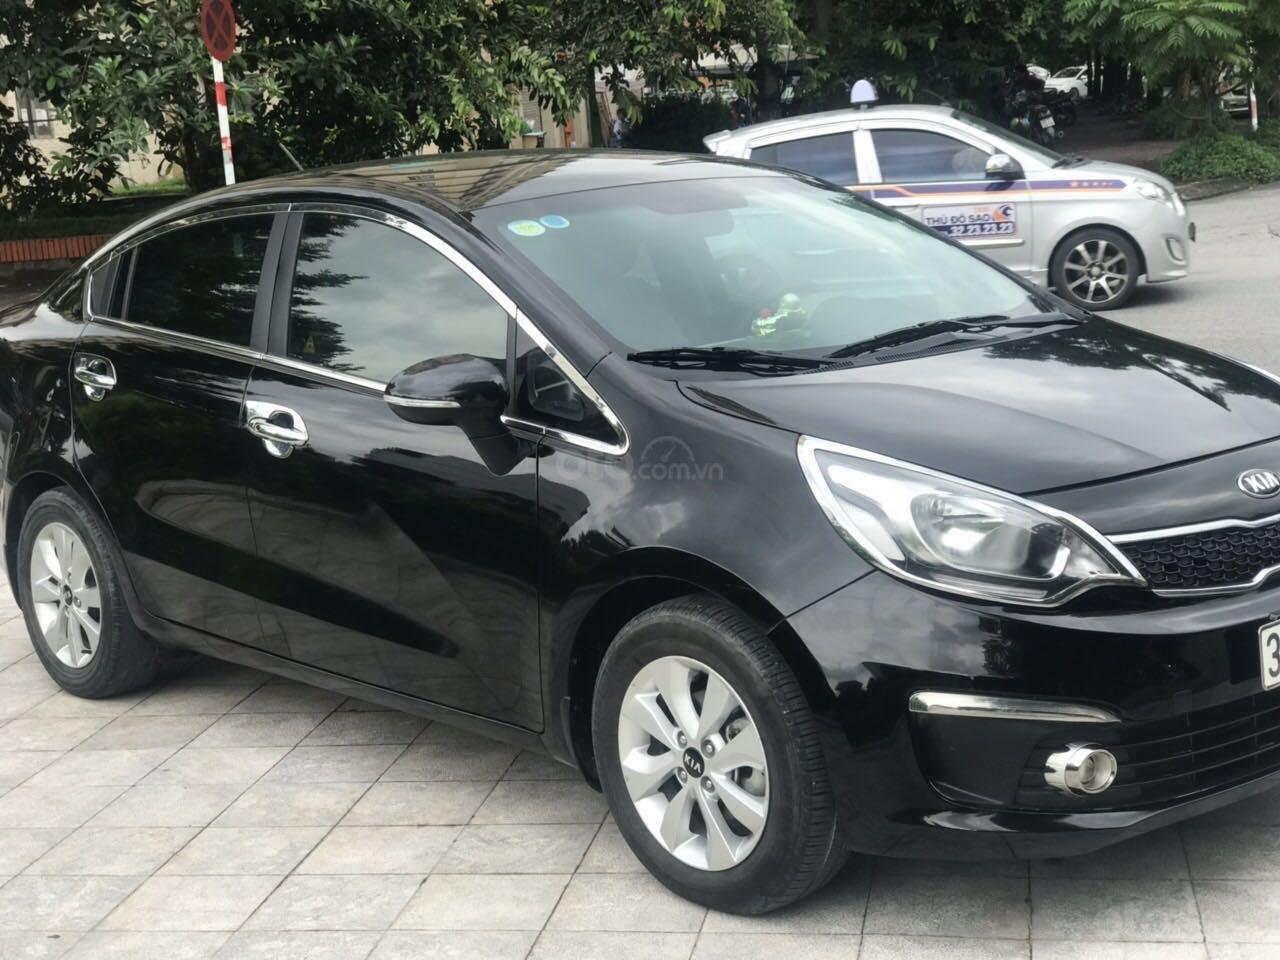 Xe Kia Rio đăng ký 2016, màu đen nhập khẩu giá tốt 469 triệu đồng (2)